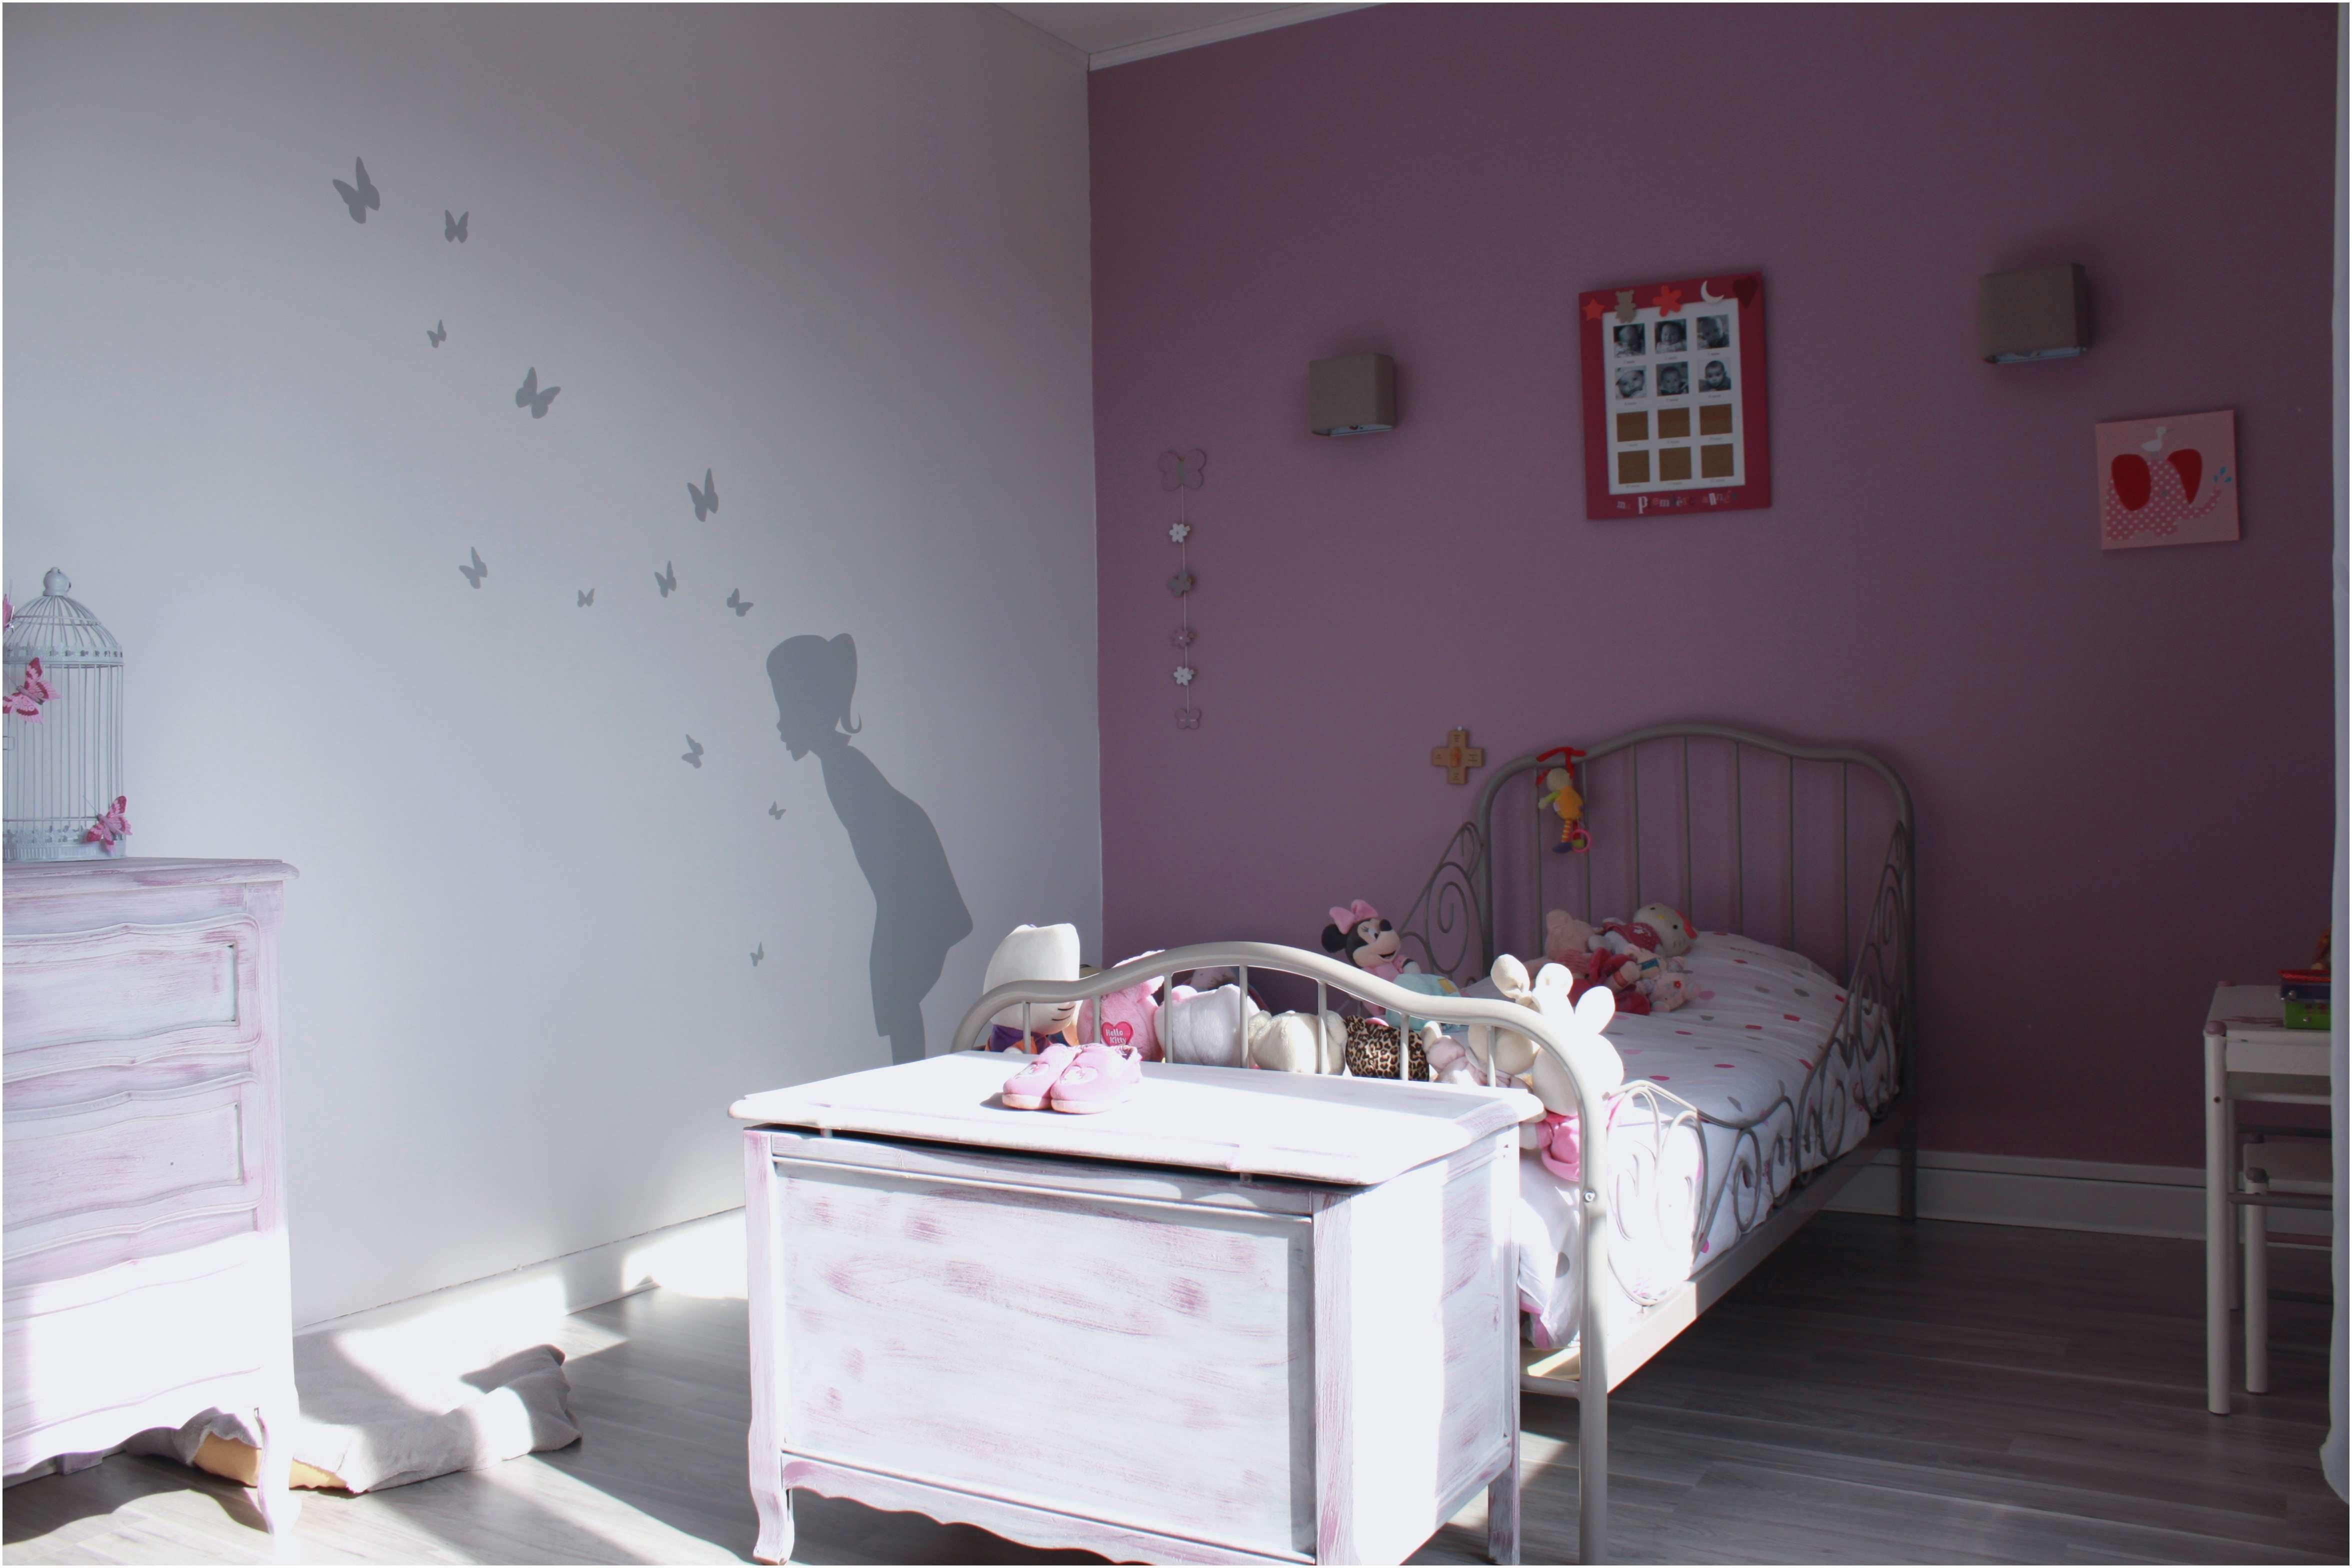 Voile Lit Bébé Impressionnant Elégant Chambre Bébé Fille Gris Et Rose Beau Parc B C3 A9b C3 A9